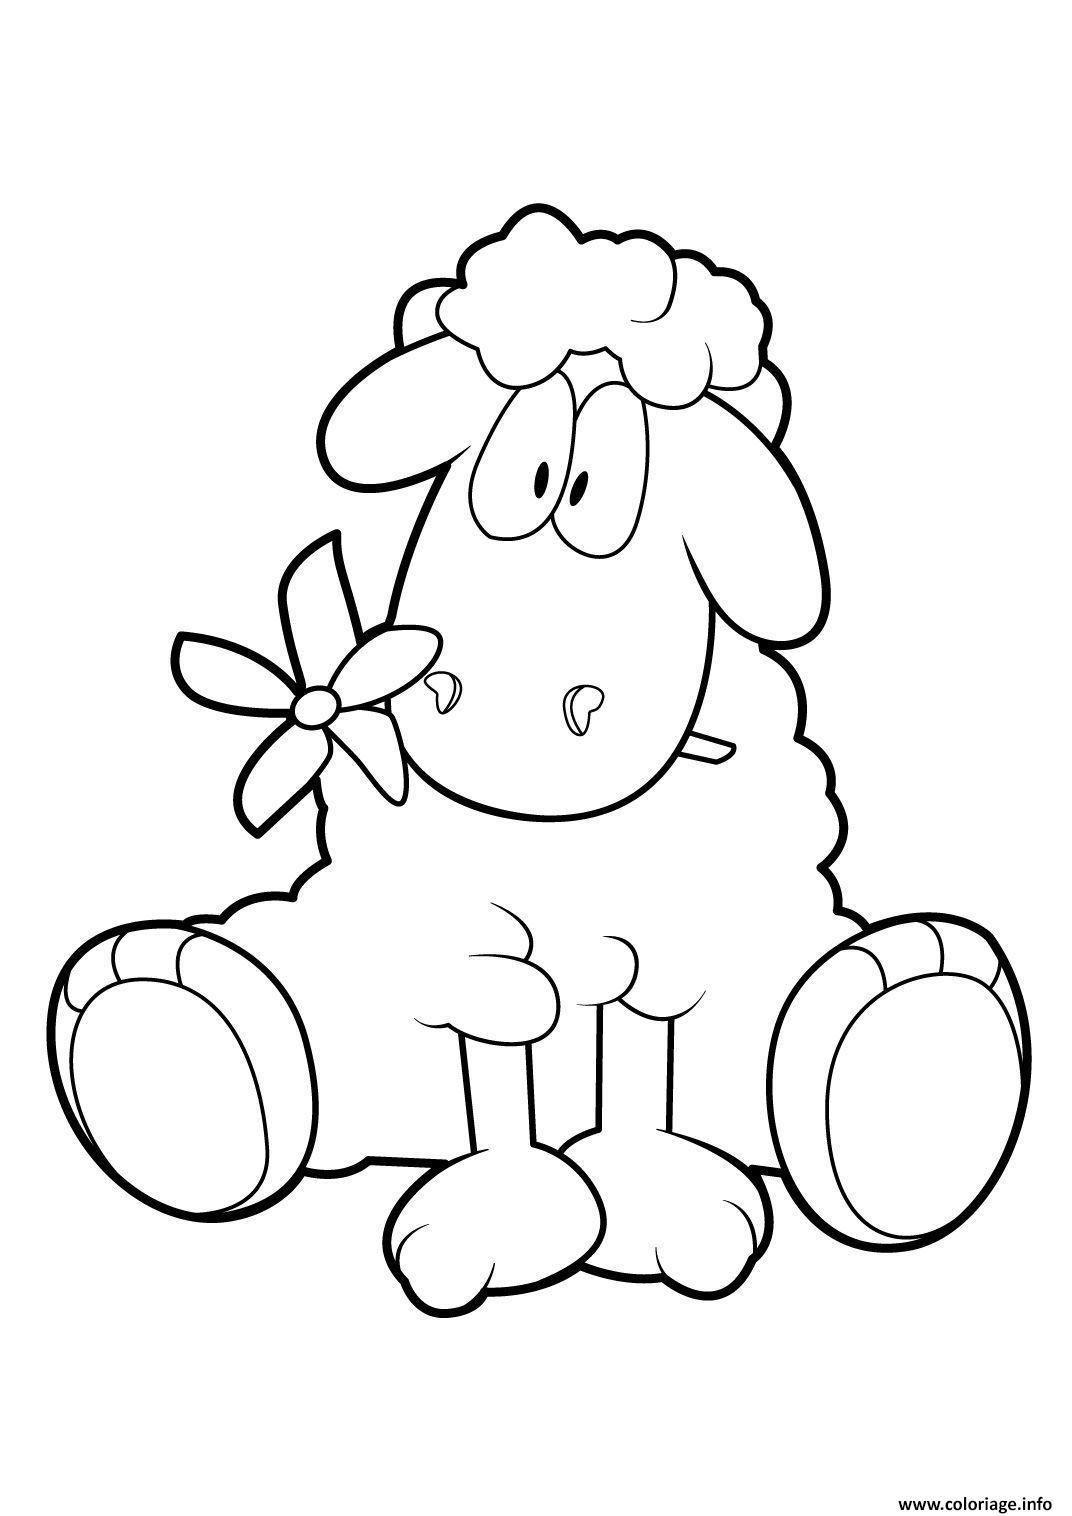 Coloriage Mouton 18 Dessin